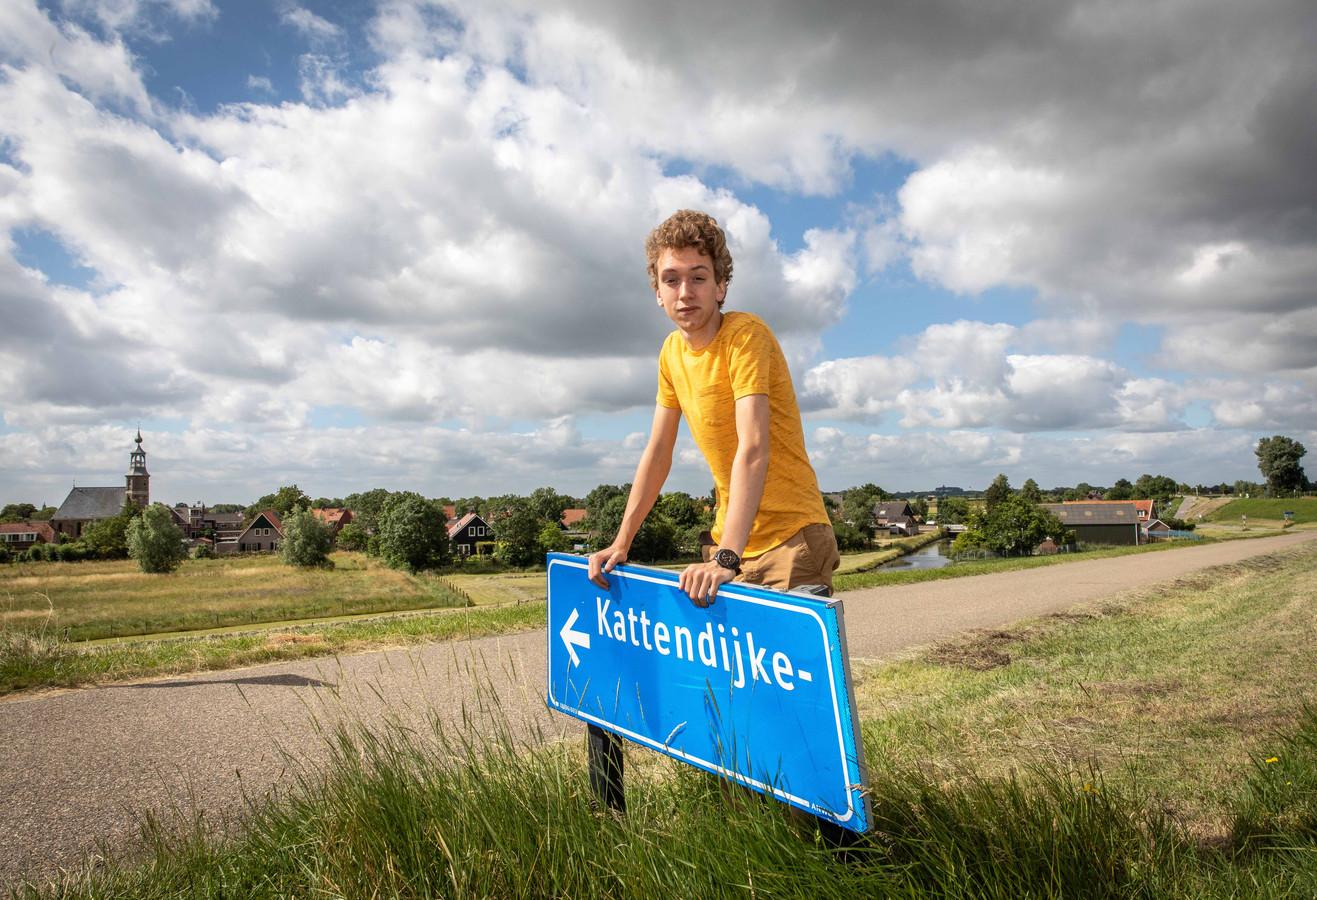 Nik Verweel baalt: hij gaat in Wageningen studeren, maar moet vier uur reizen om daar vanuit huis te komen en een kamer vinden is lastig.